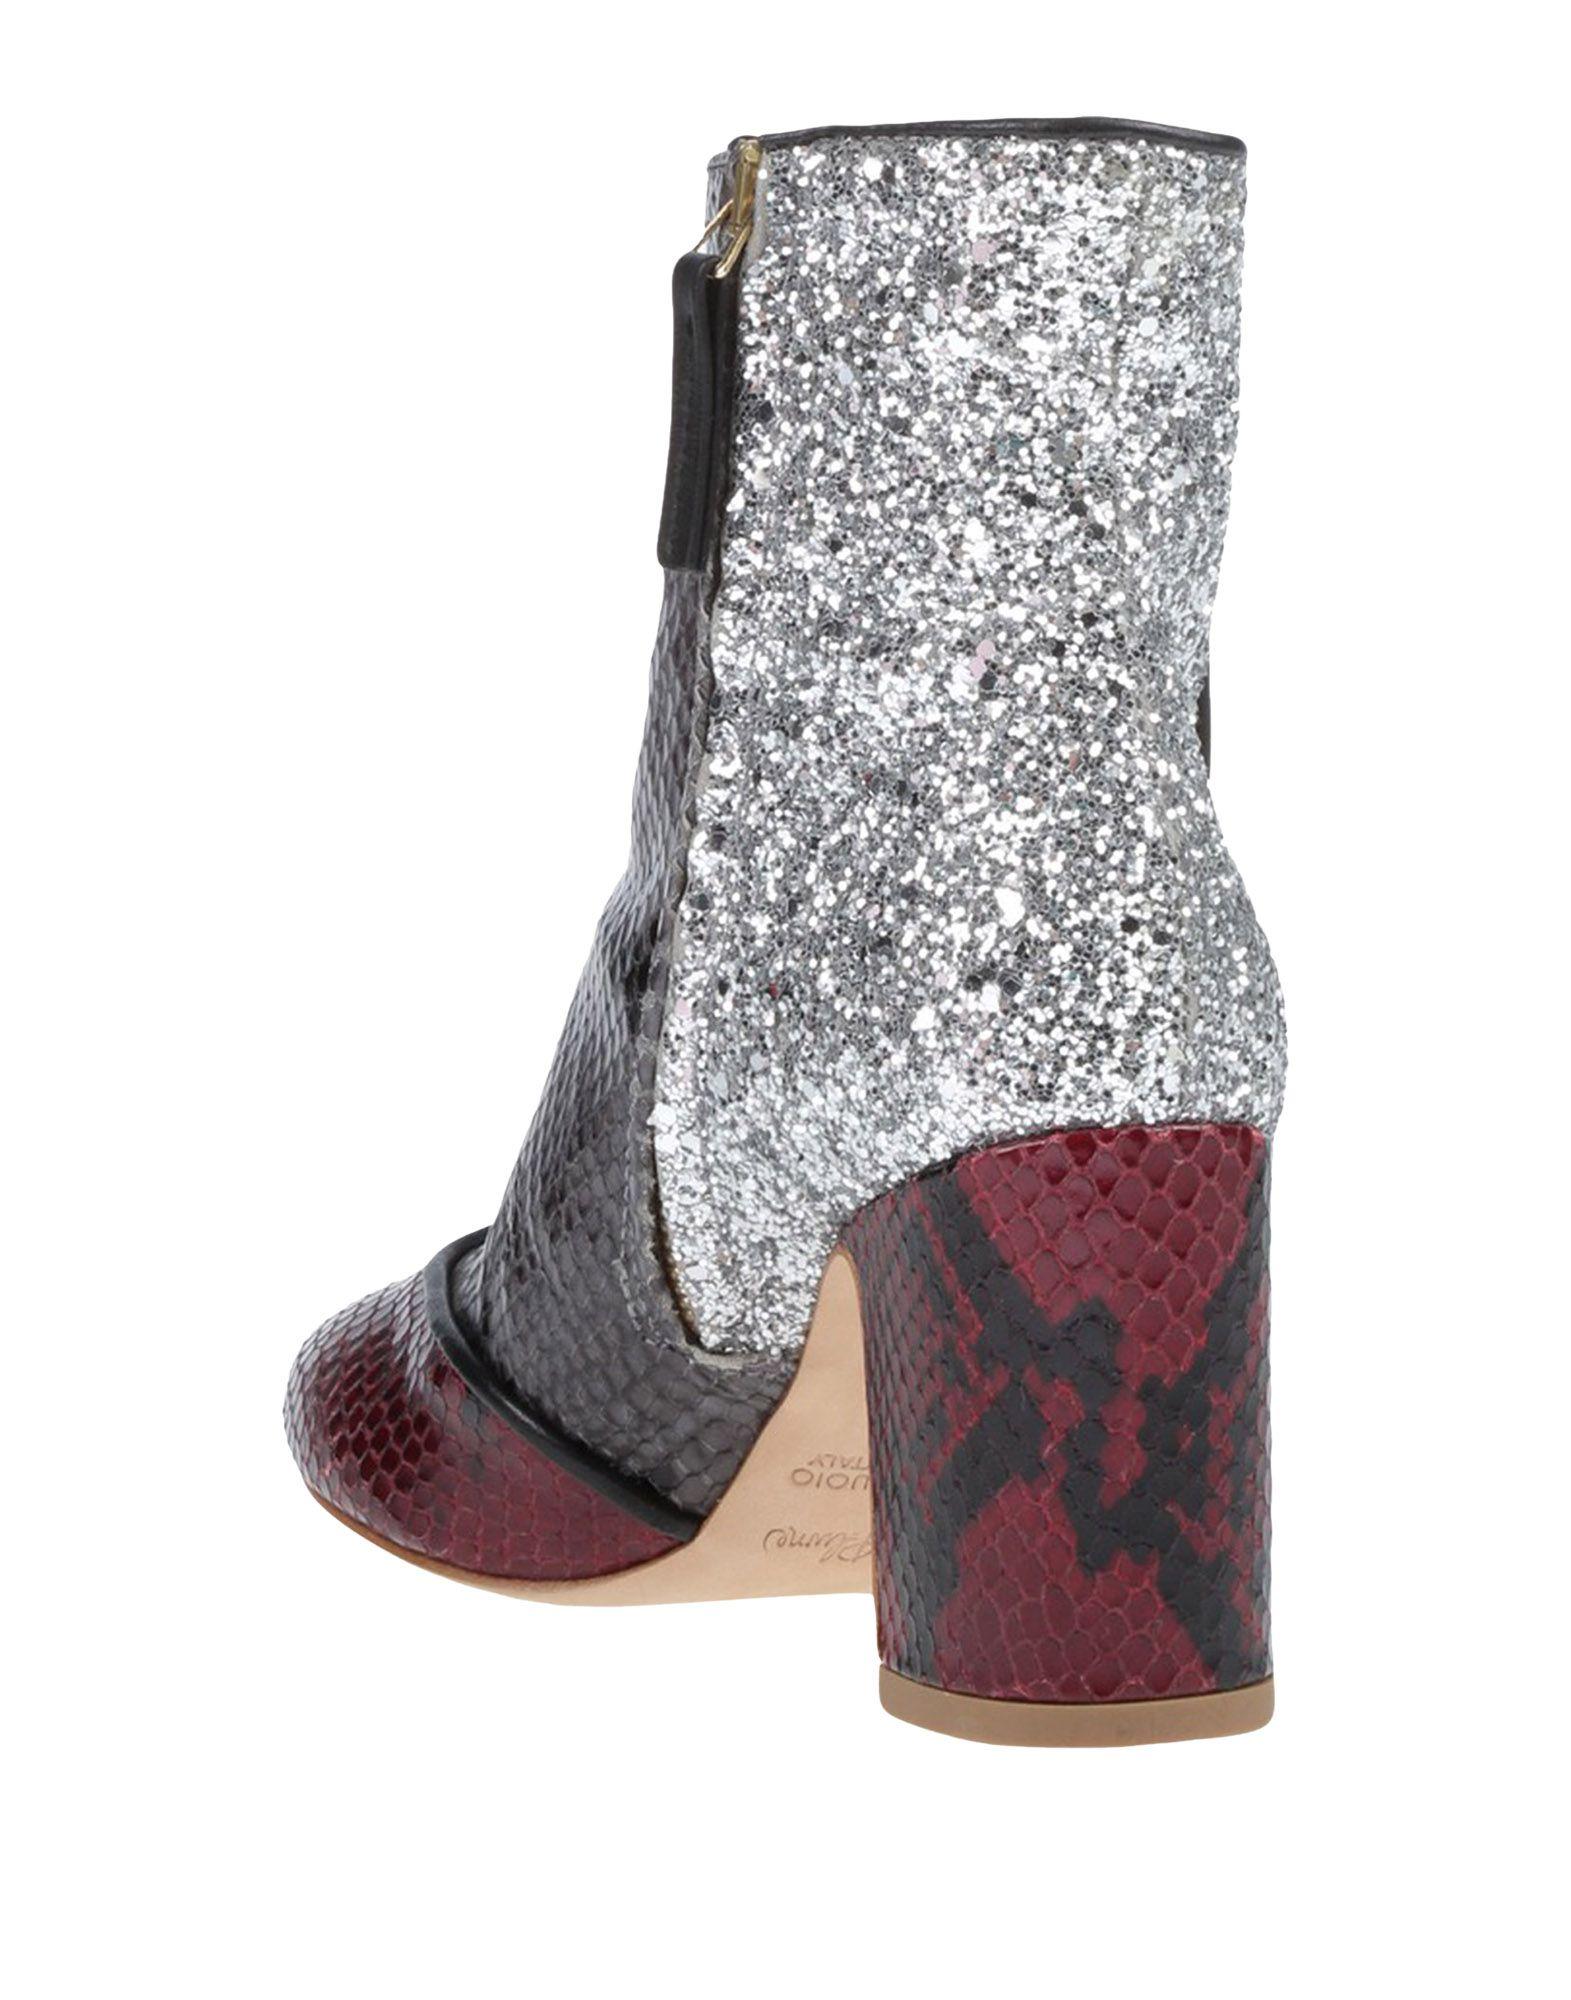 Polly Plume Stiefelette Damen  11536400JH Gute Qualität beliebte Schuhe